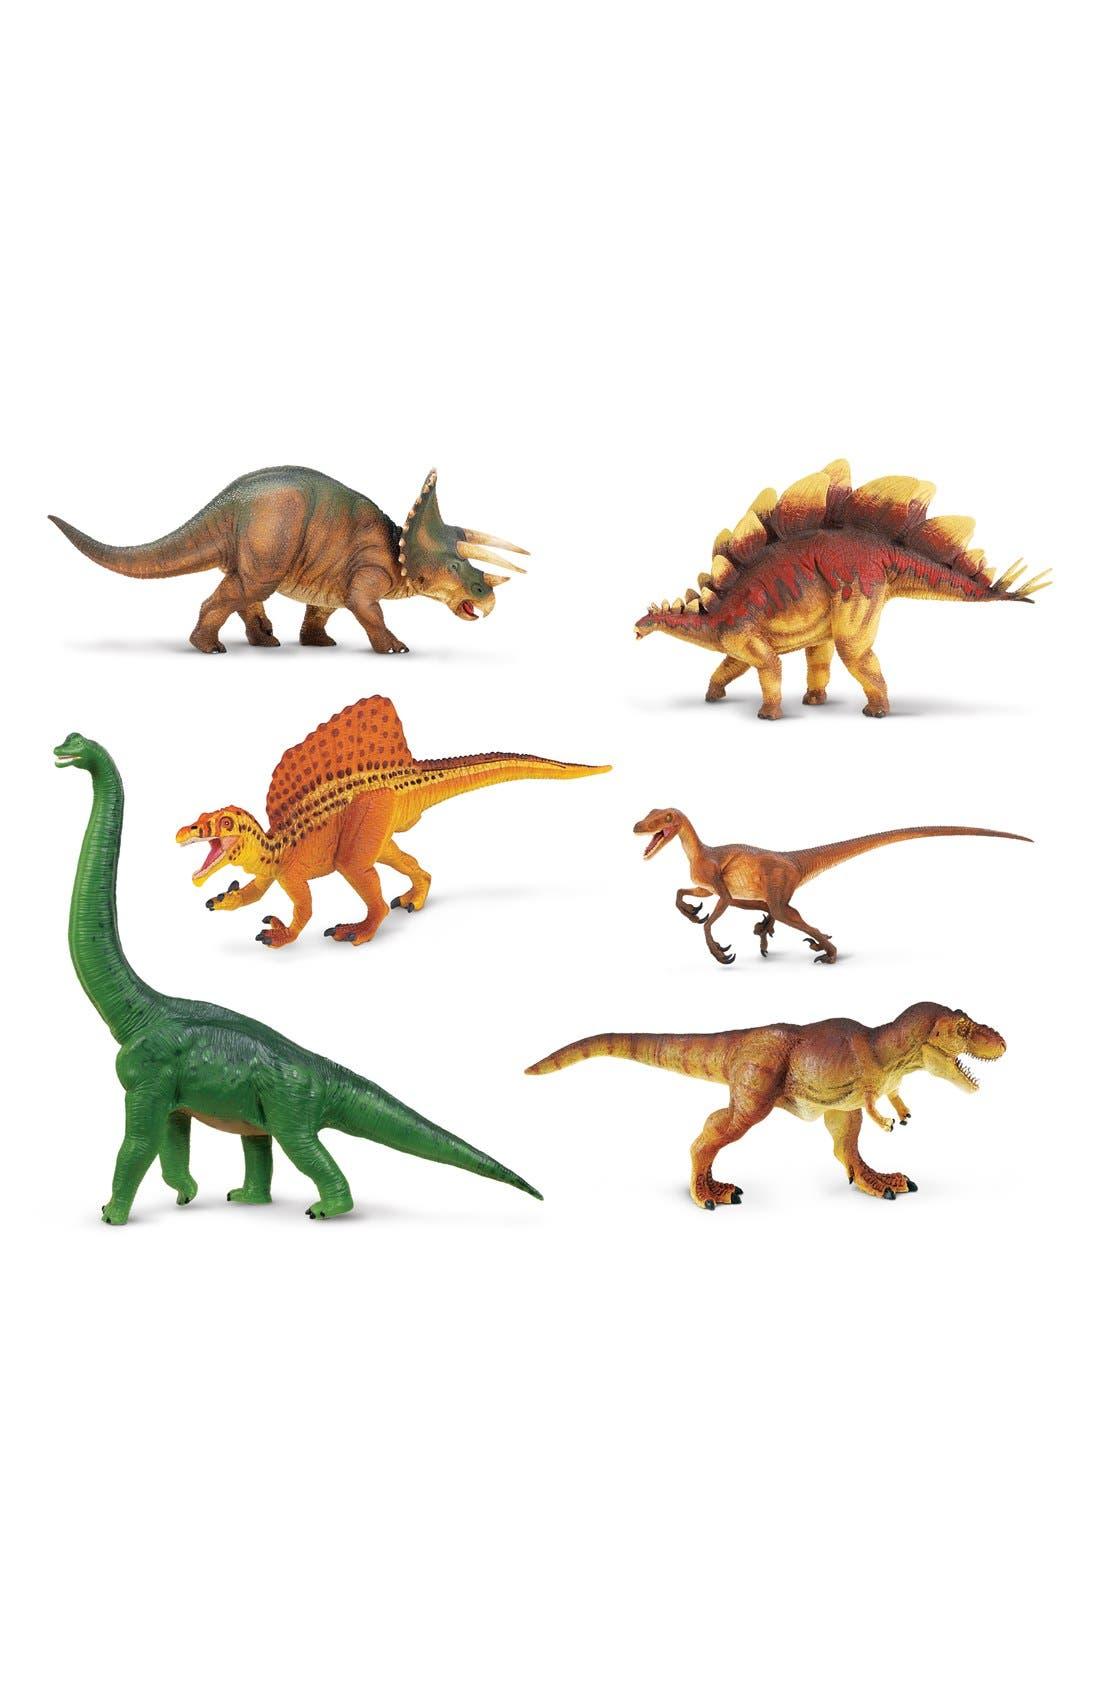 Main Image - Safari Ltd. Dinosaur Figurines (Set of 6)